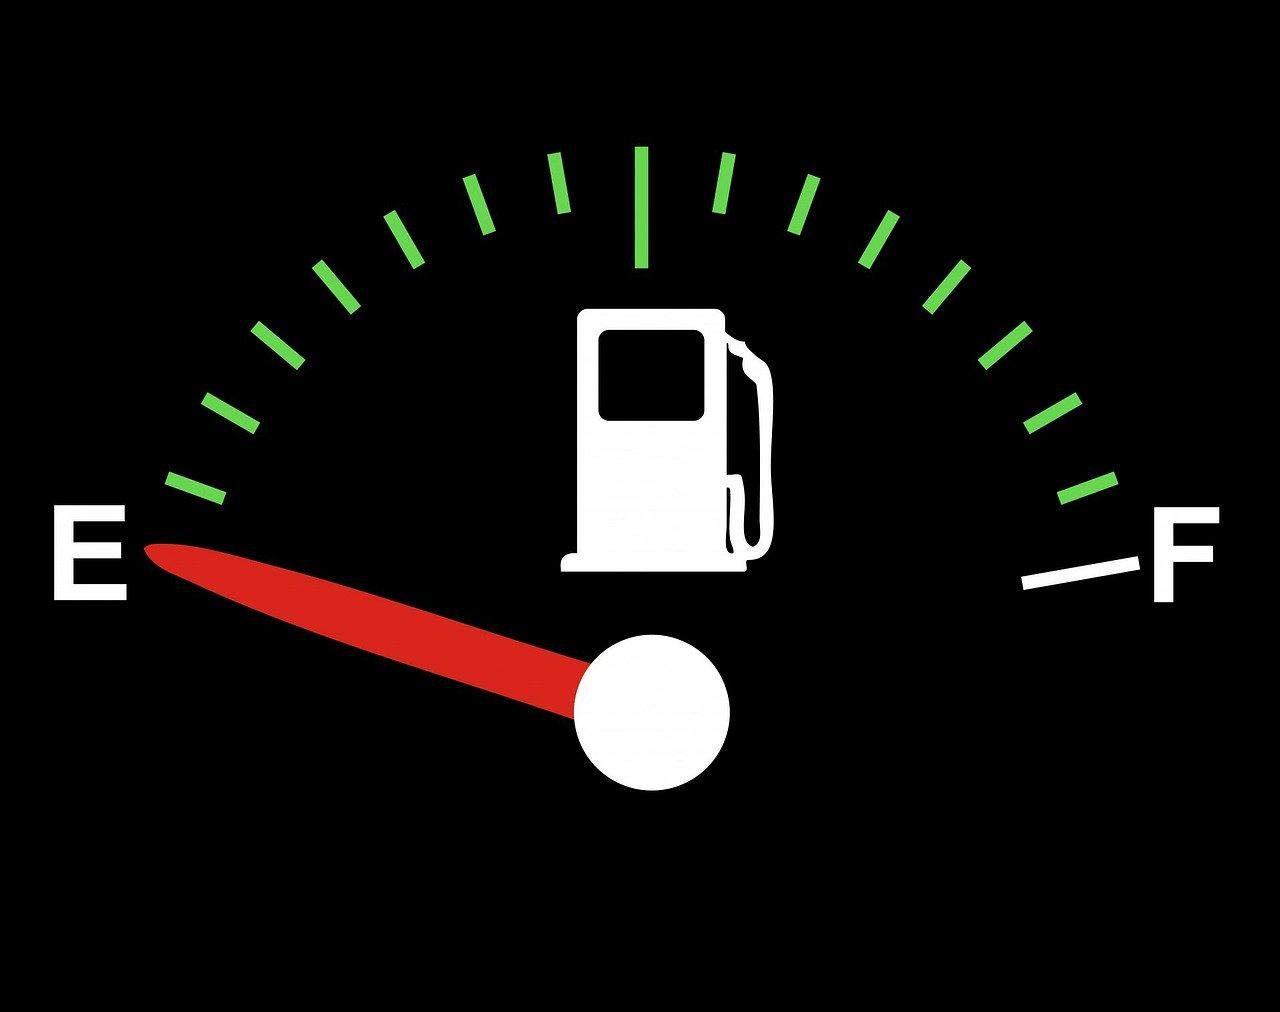 ガソリン代が安くなる!割引ありの車のサブスクリプション(定額制)は?